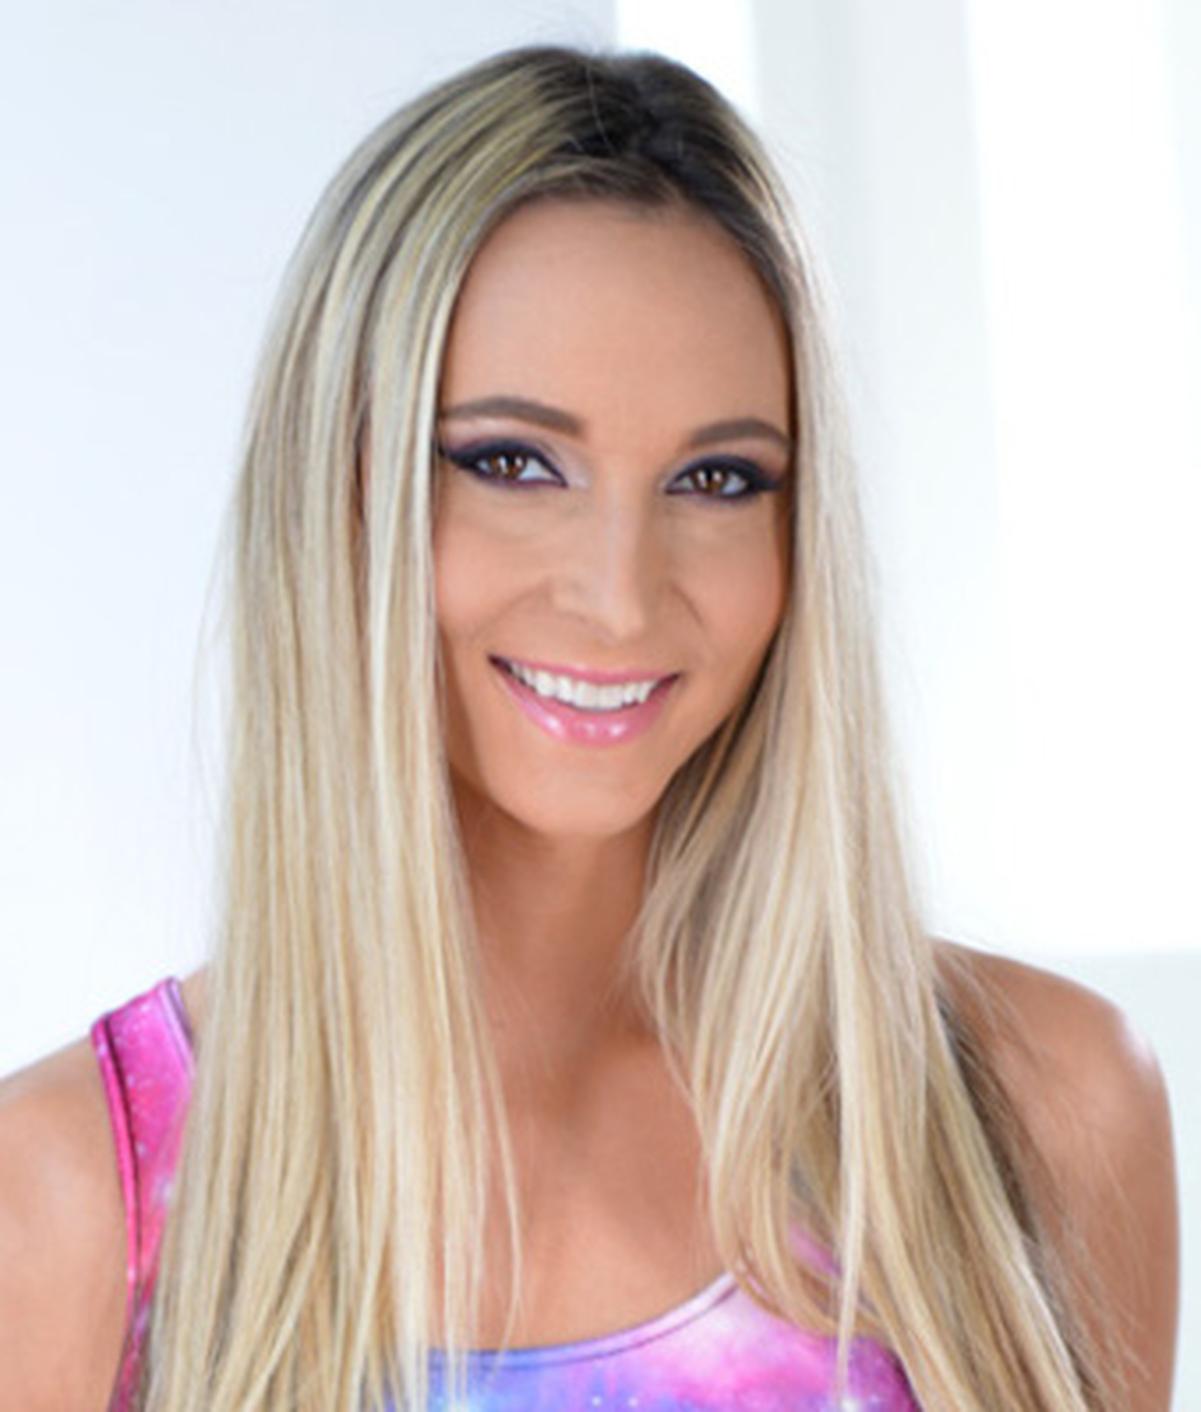 Allie Knox